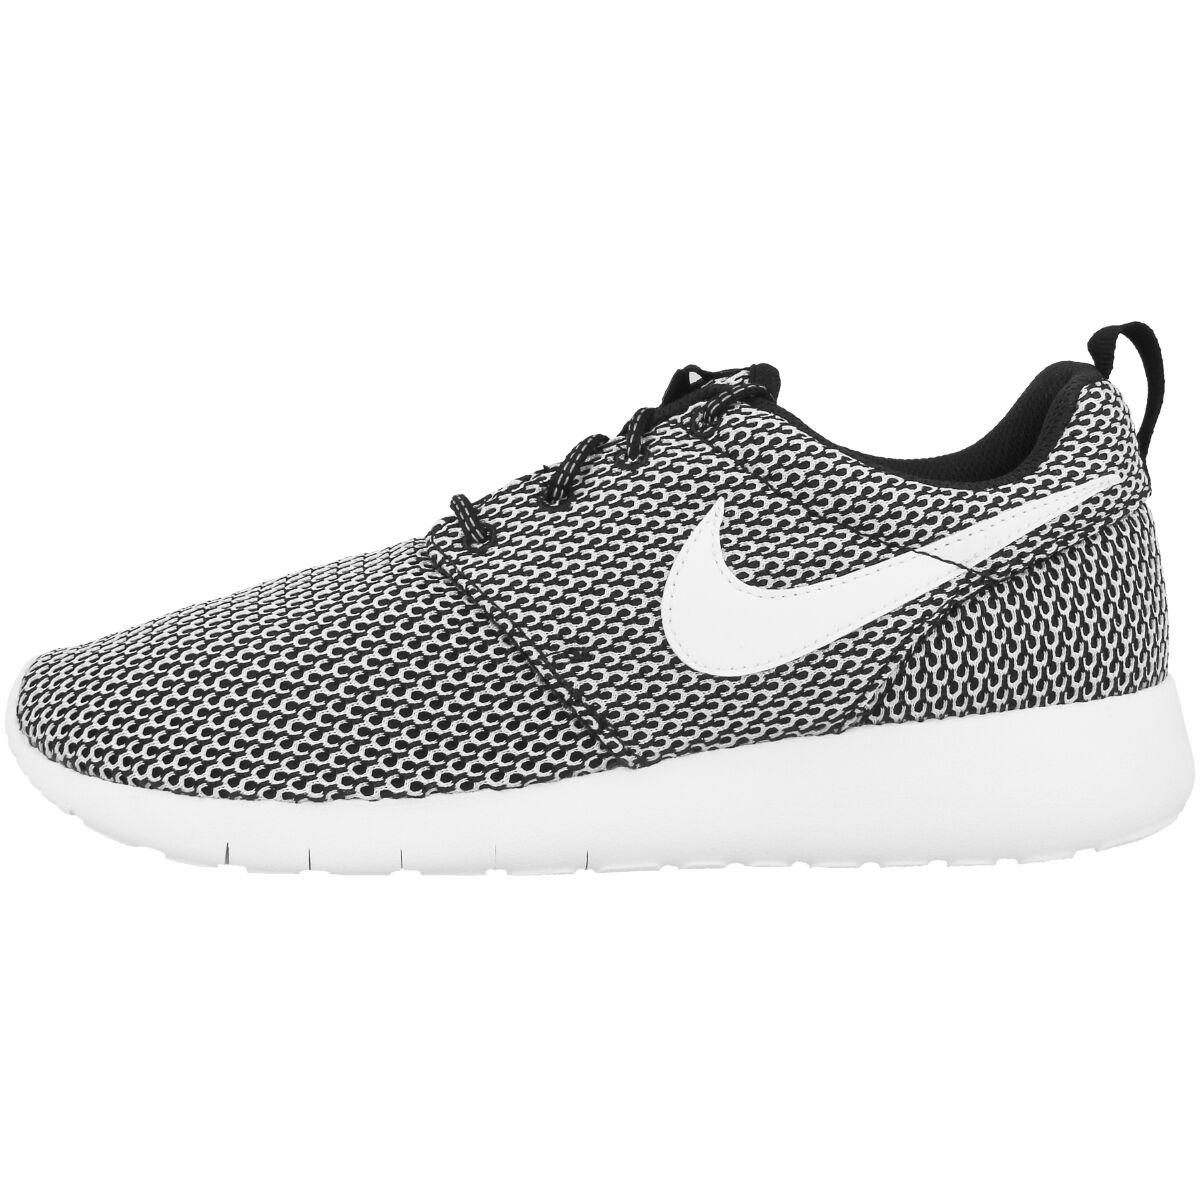 NIKE Roshe One Gs Scarpe scarpe da ginnastica Scarpe da da da running rosheone nero Sportiva 599728-040 3a3a26